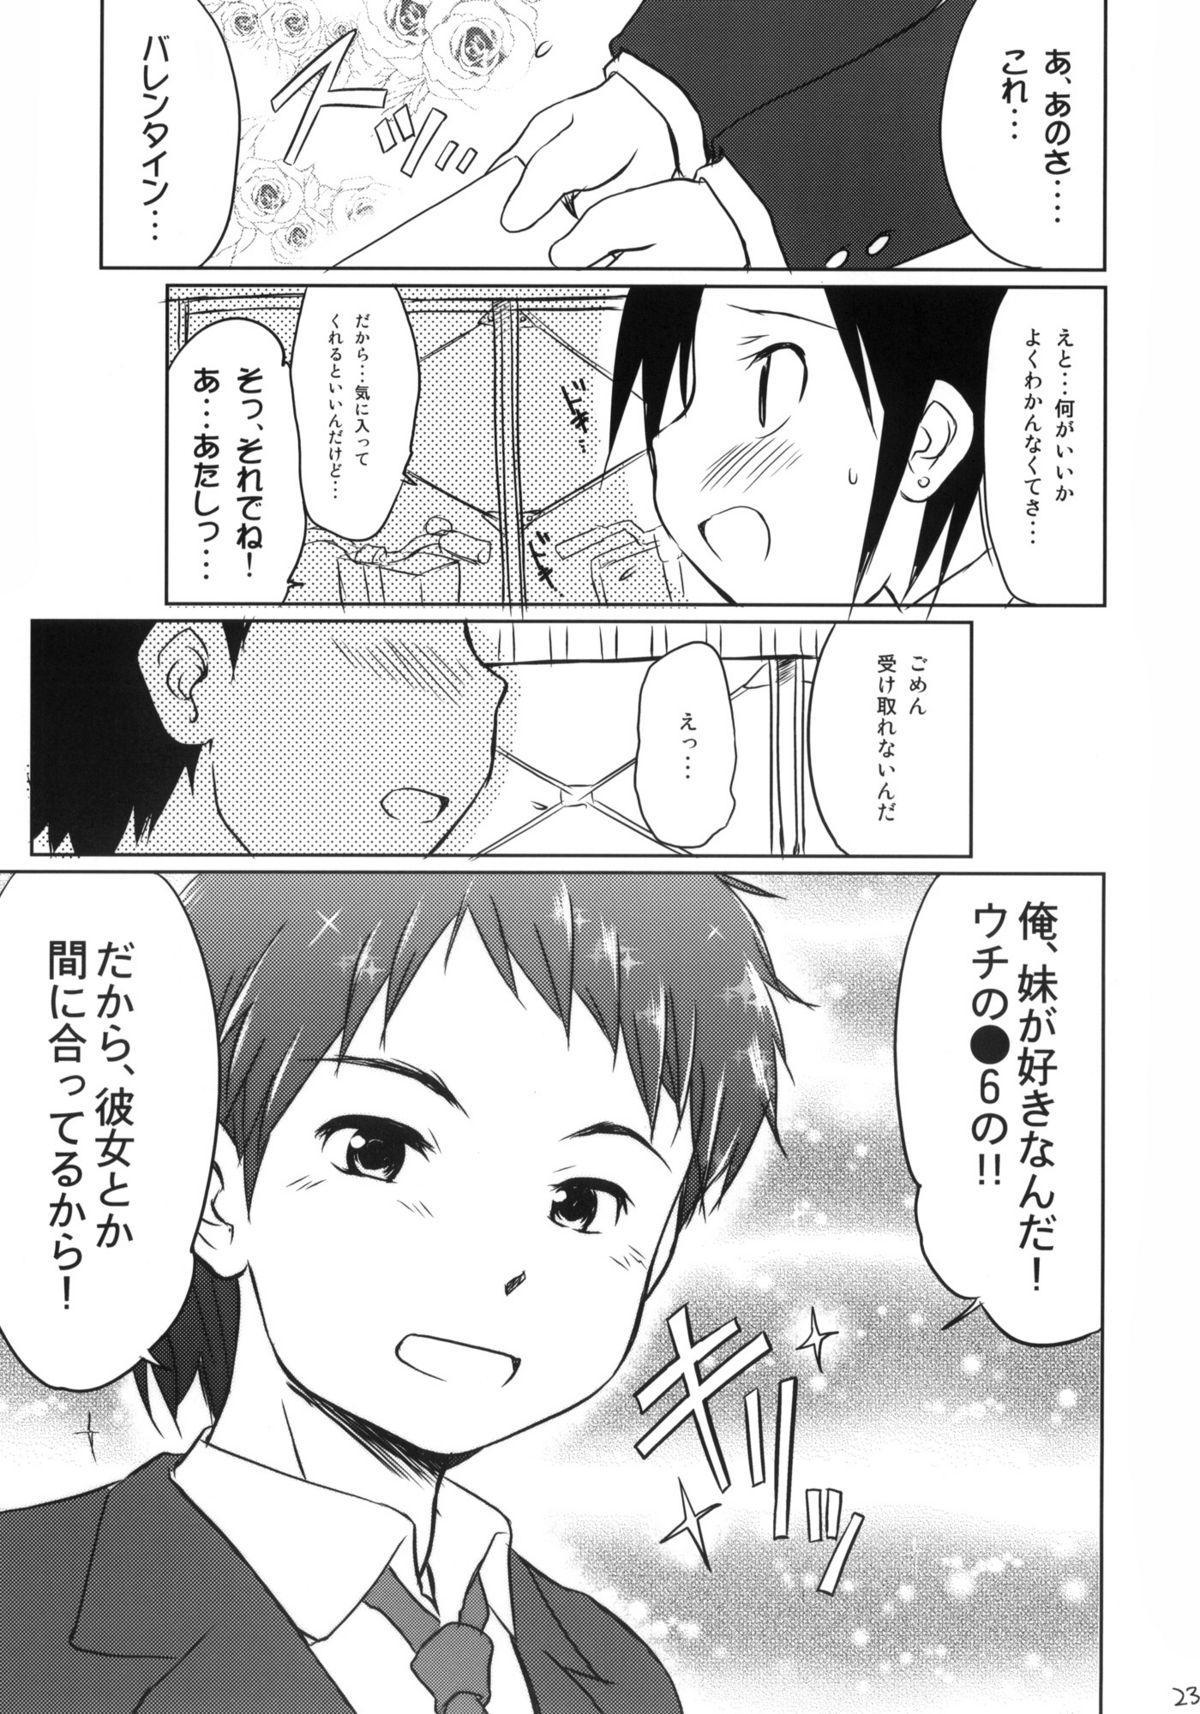 Imouto wa Minna Onii-chan ga Suki! 20